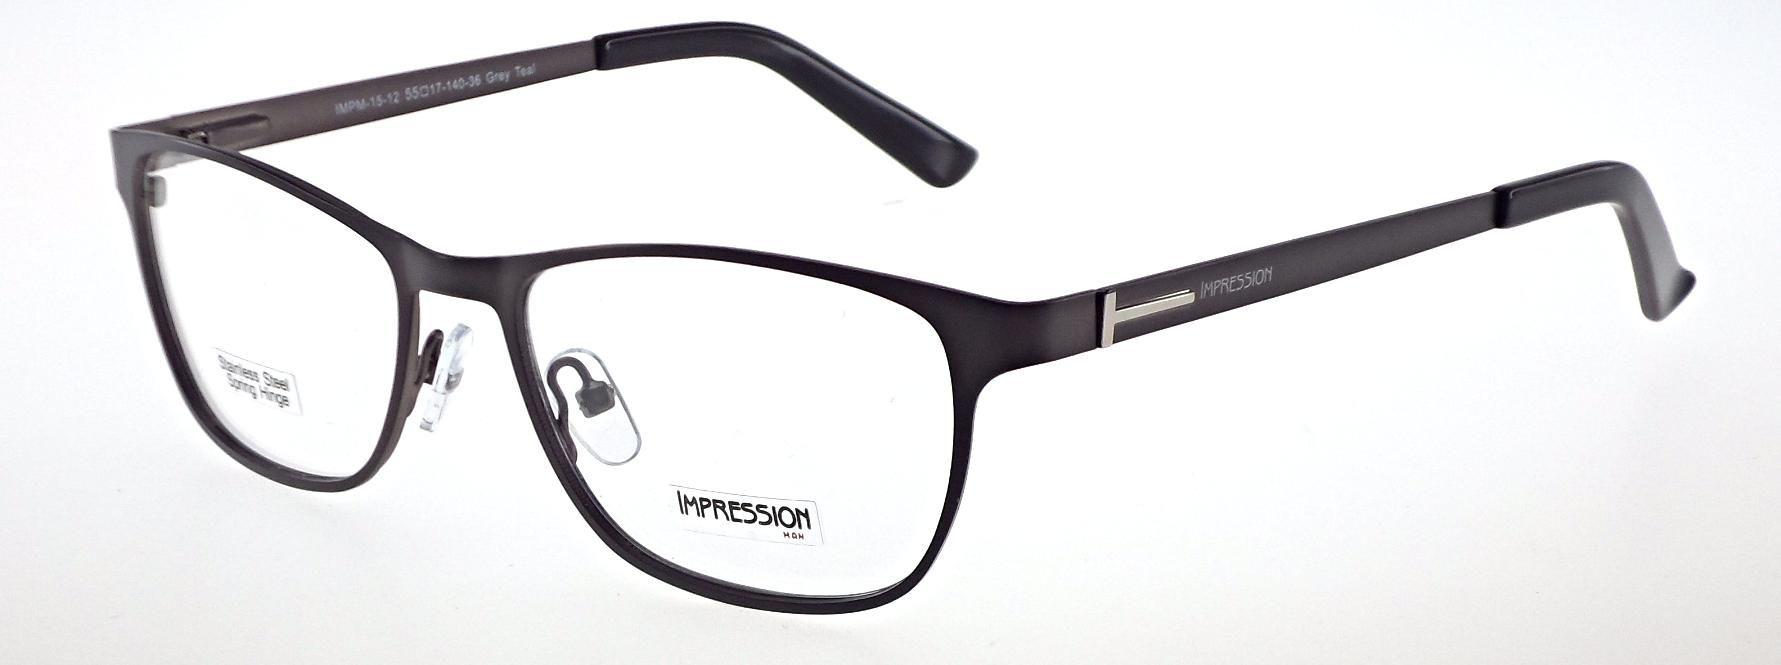 553595b2fd6 Men s Eyeglass Frames - Designer Eyeglasses for Men